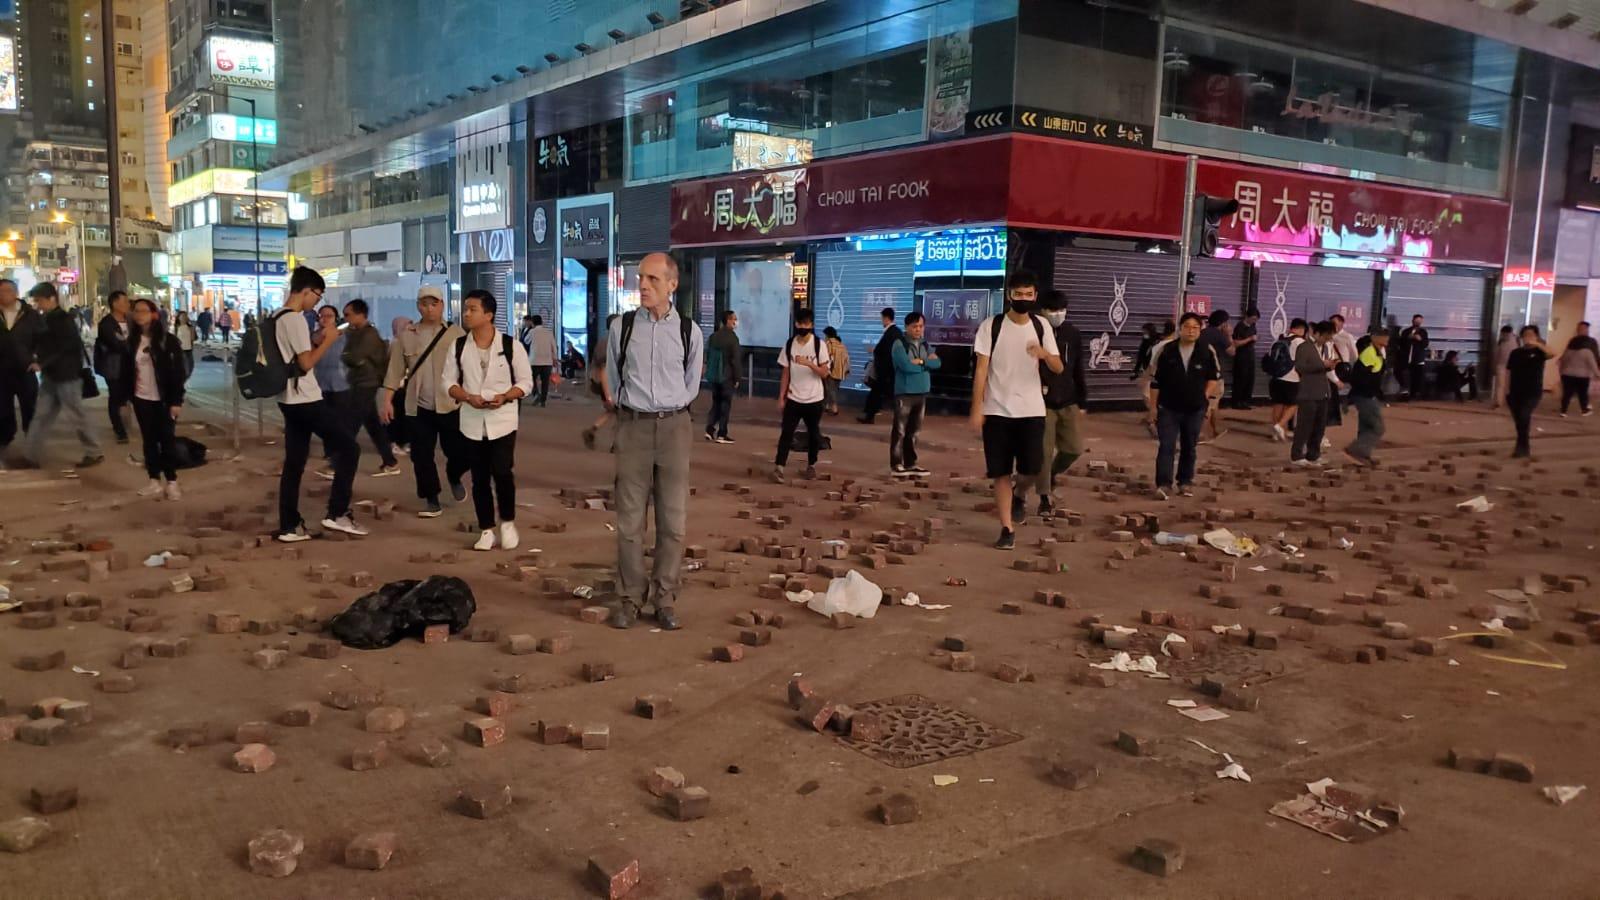 示威者弥敦道堵路纵火警察驱赶 油尖旺多处交通受阻